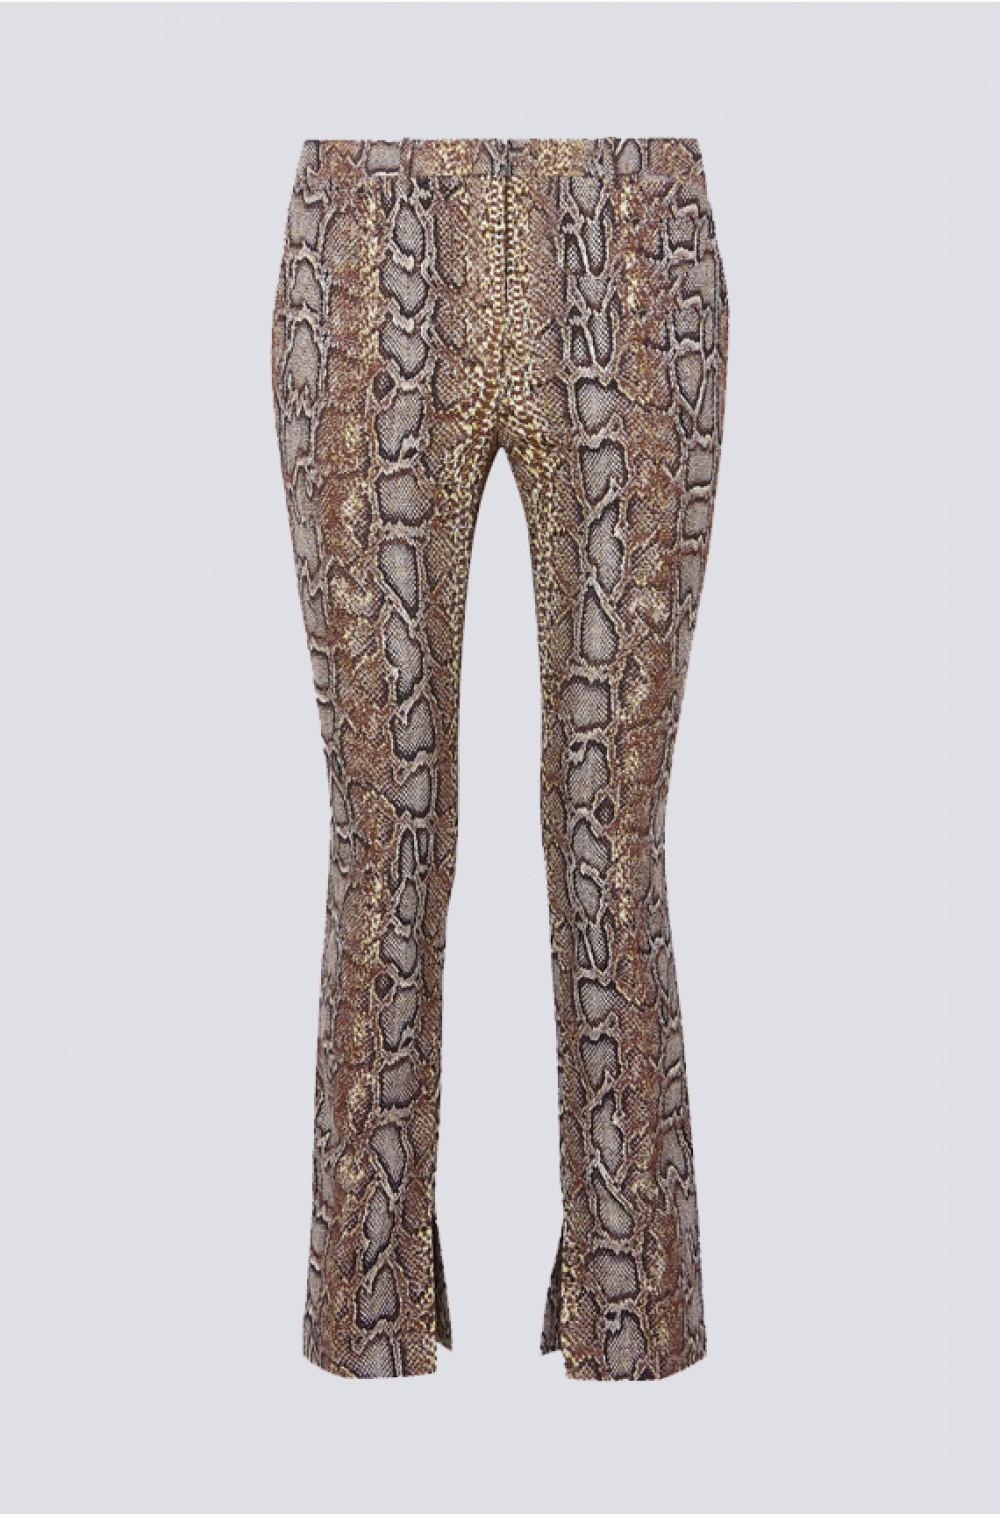 Pantalone fantasia pitone